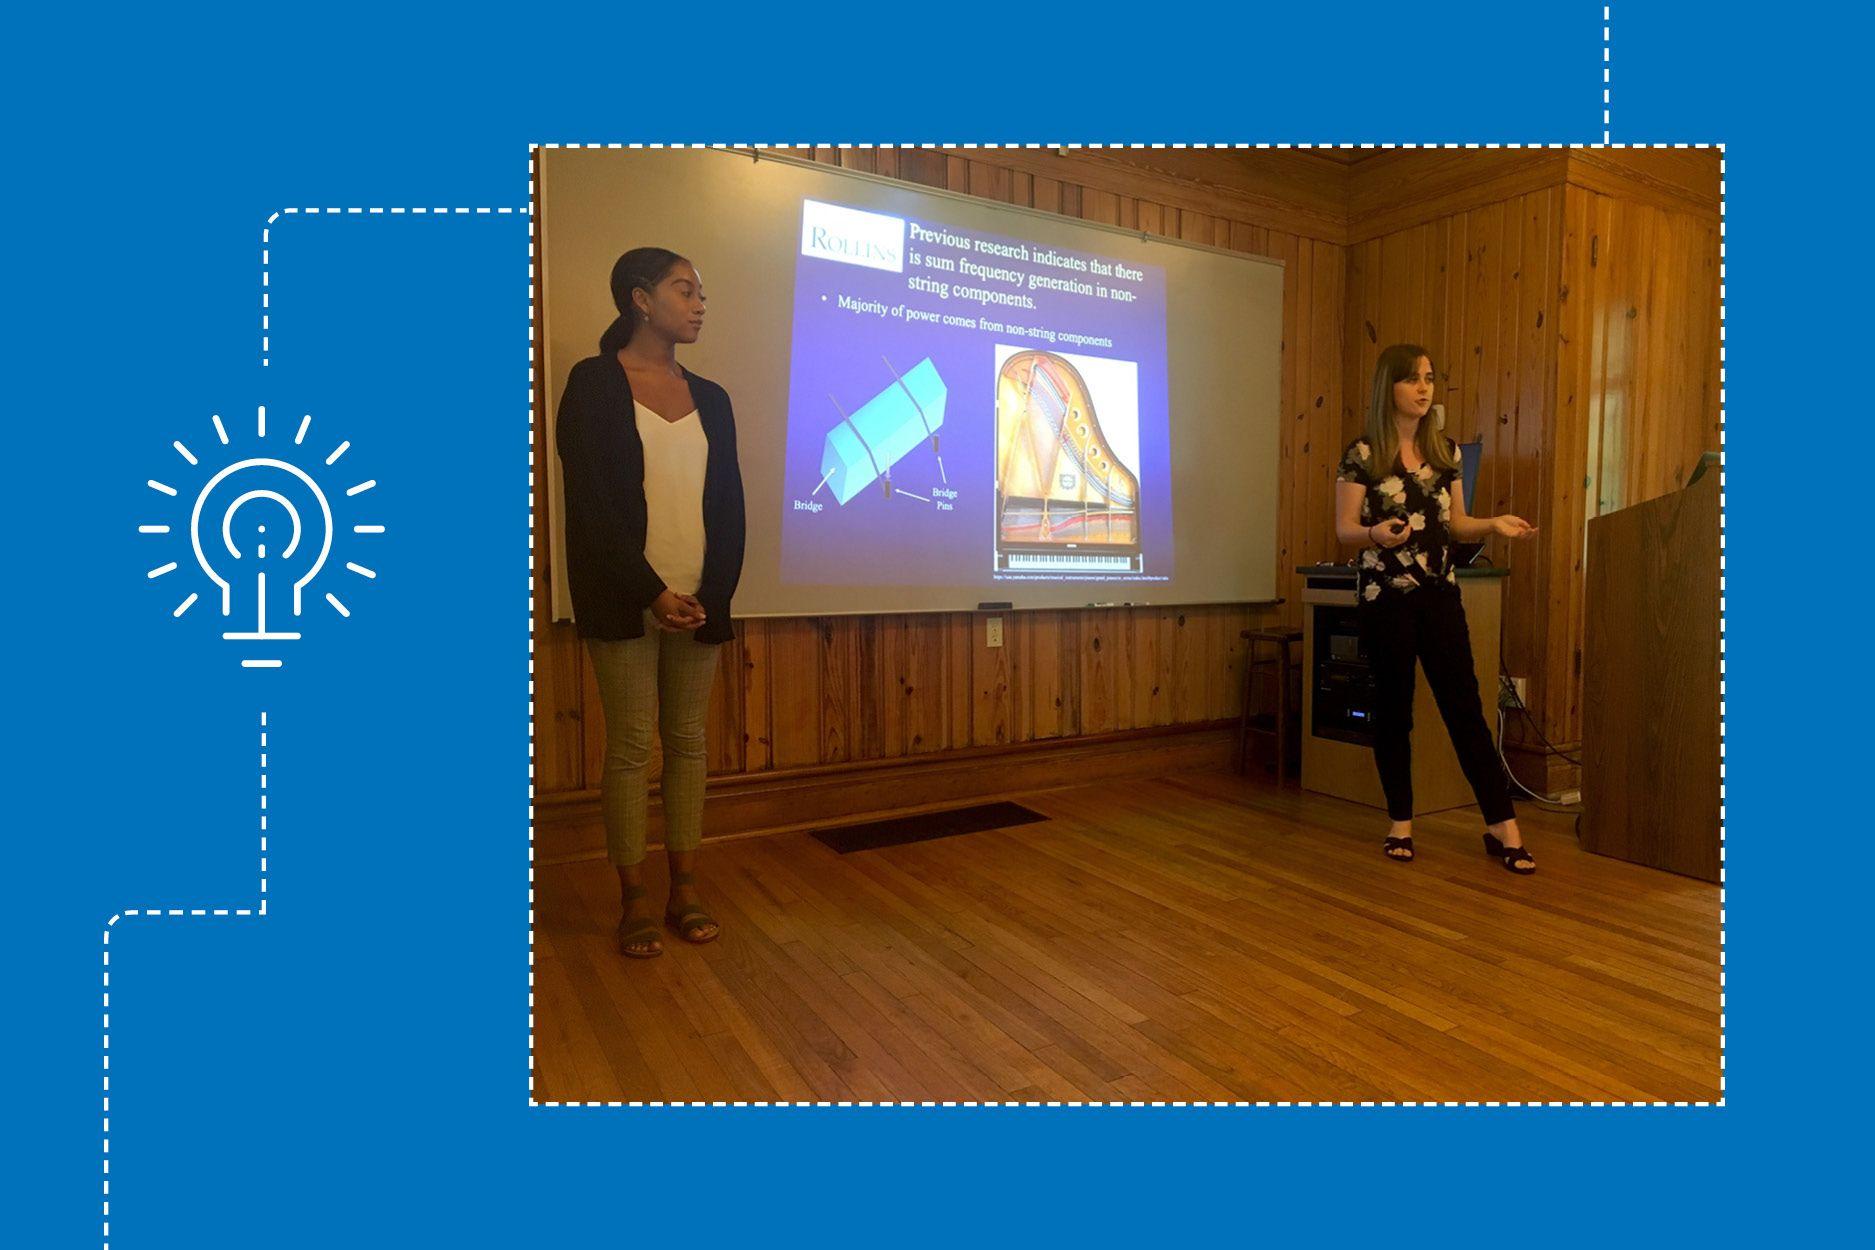 Lauren Neldner presents research in a Rollins classroom.